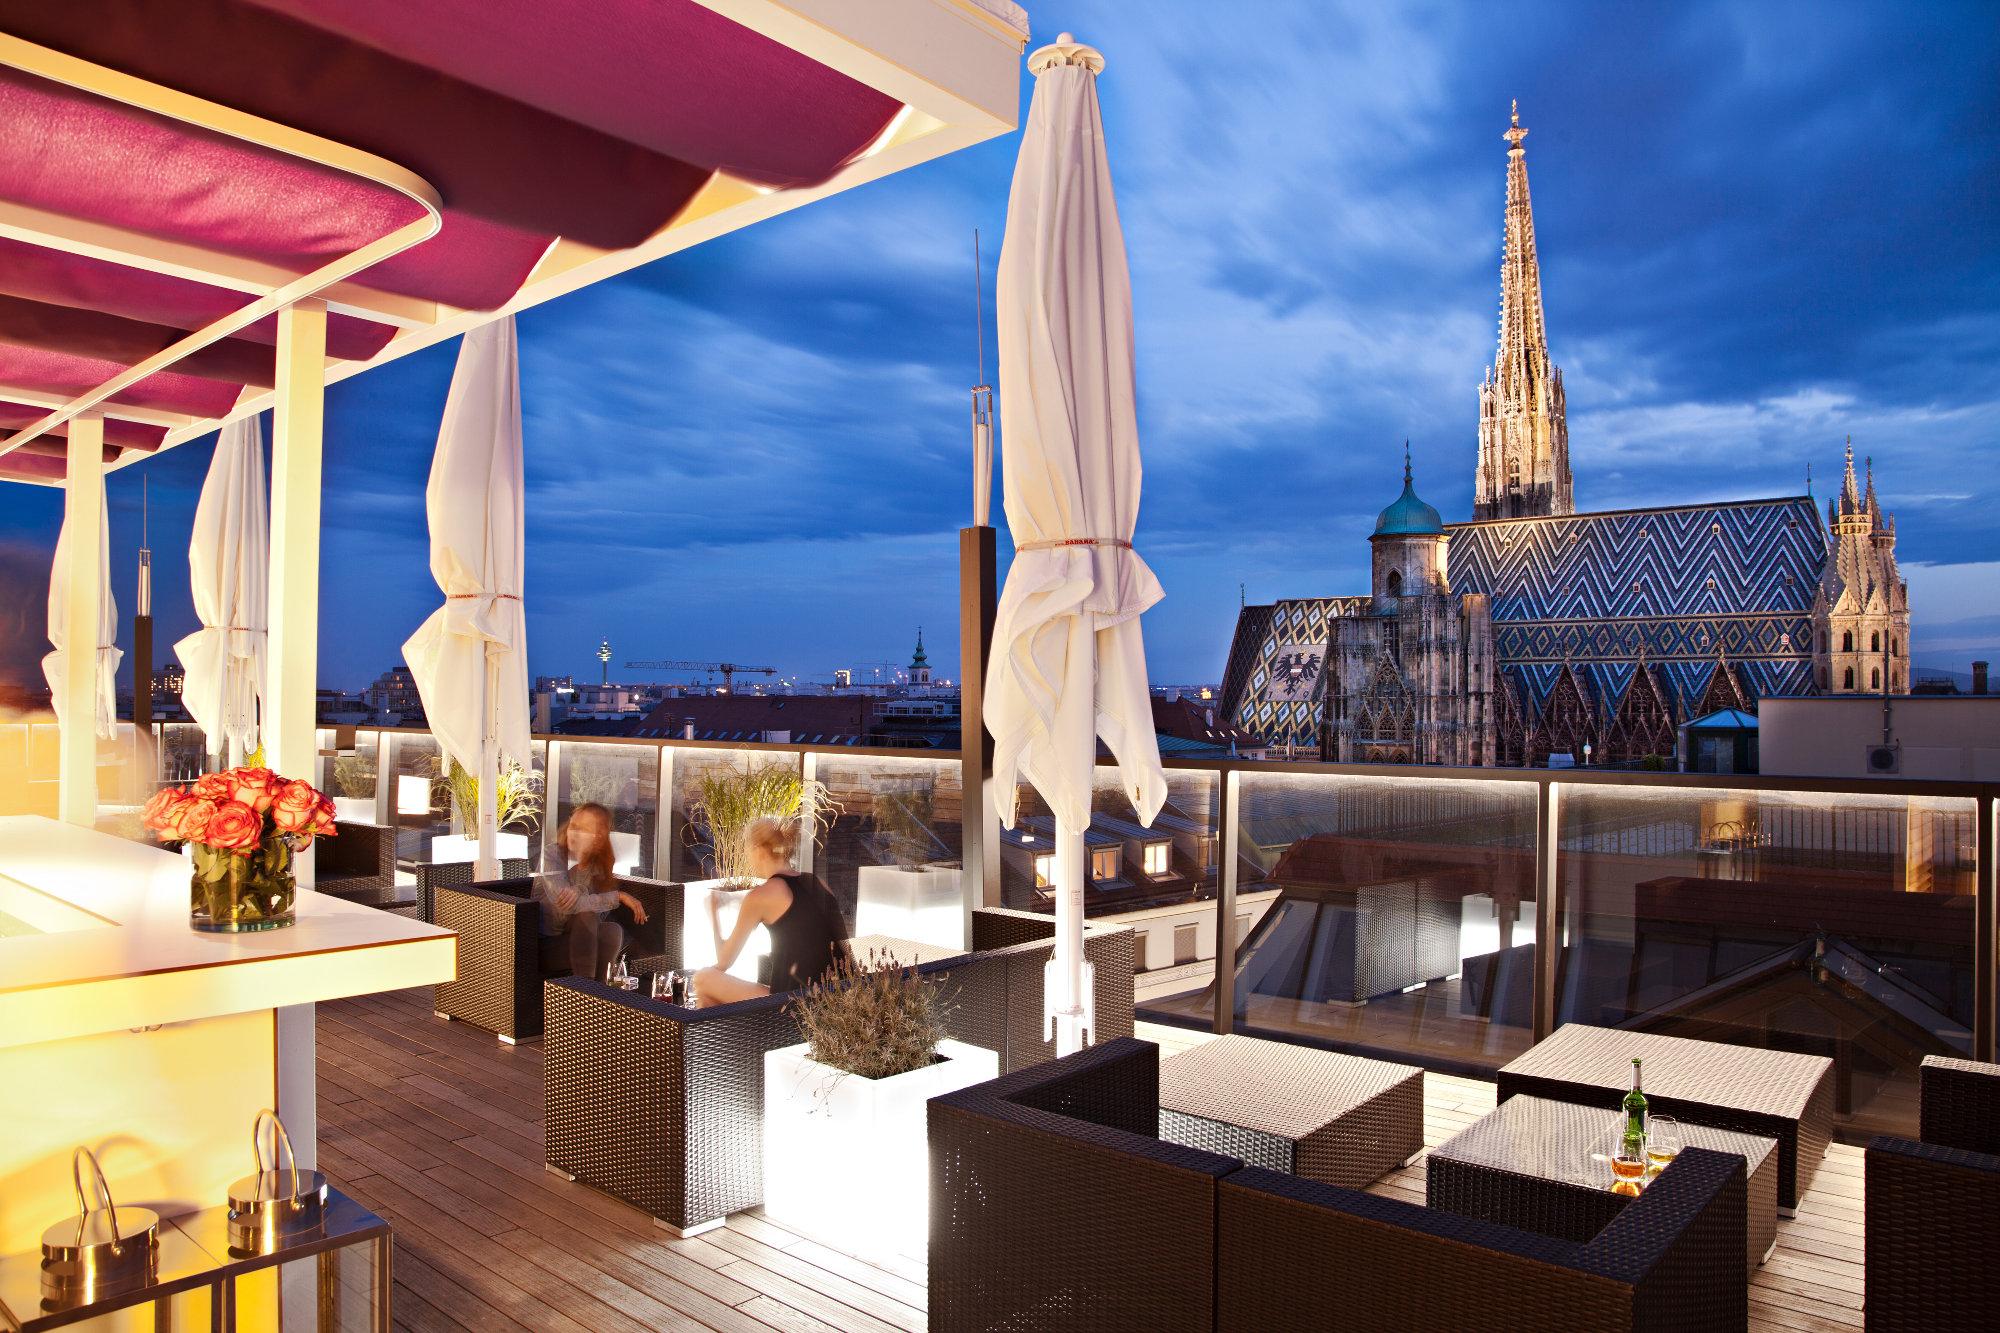 Hotel Lamée - dobry adres w Wiedniu